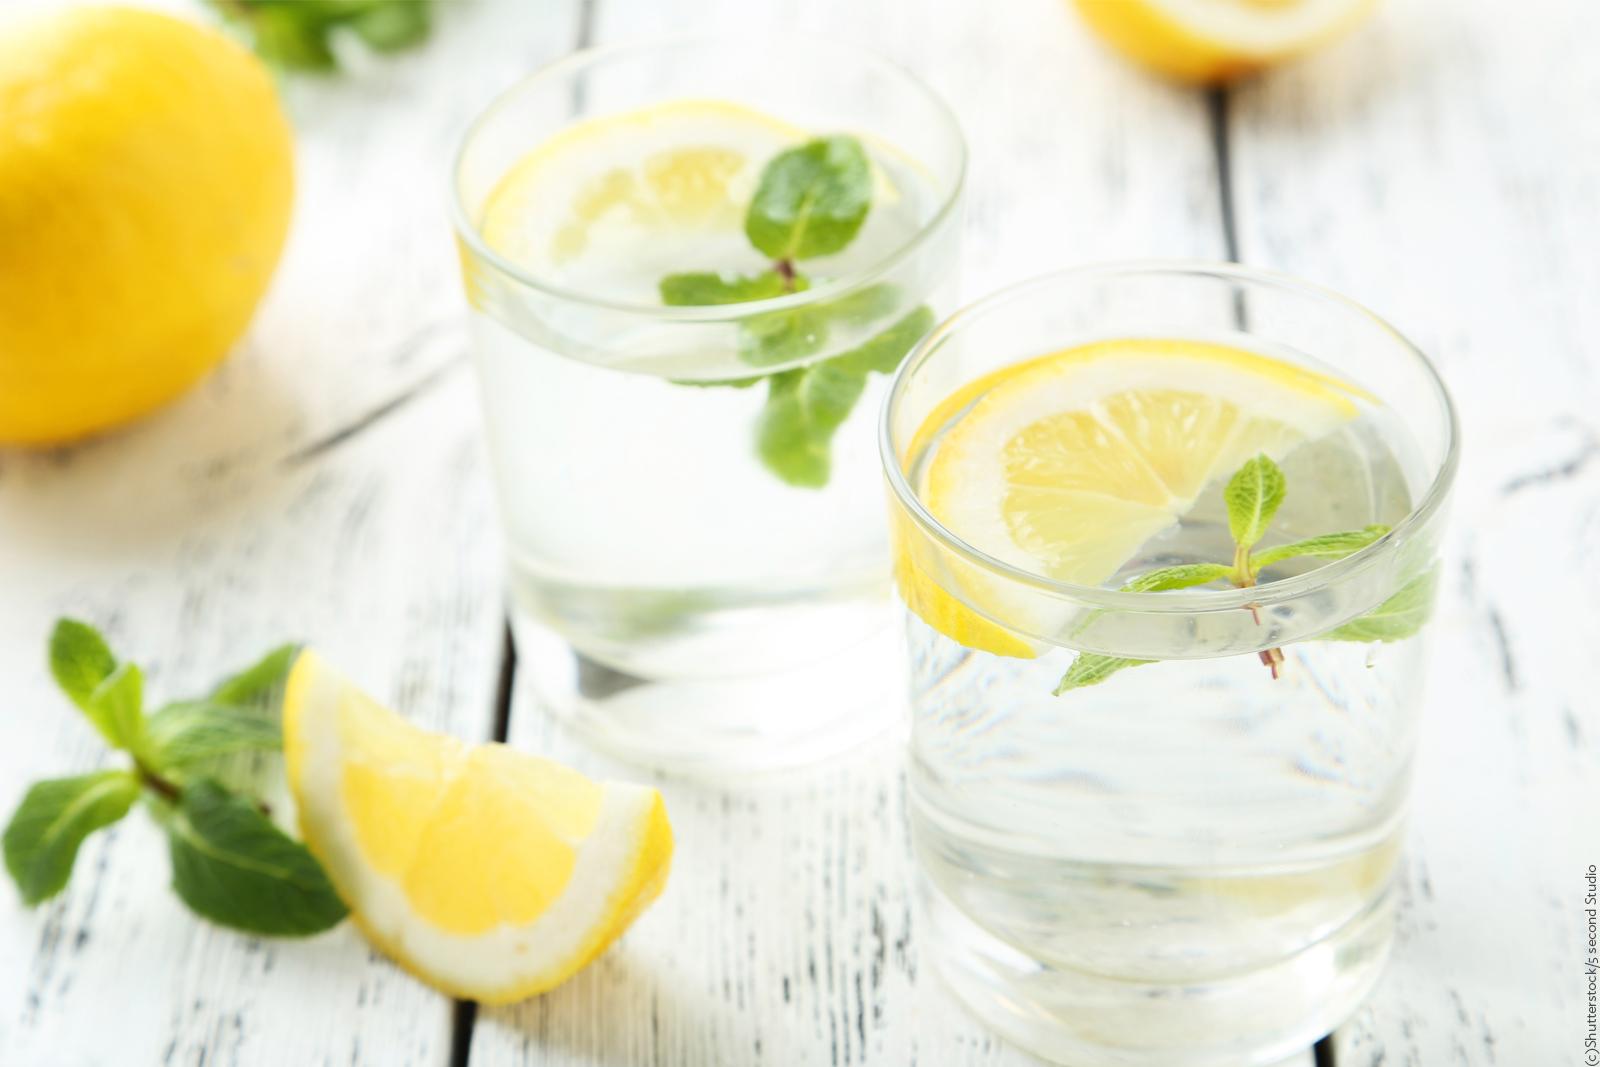 Trink genug! Dann ist deine Haut schön hydriert!